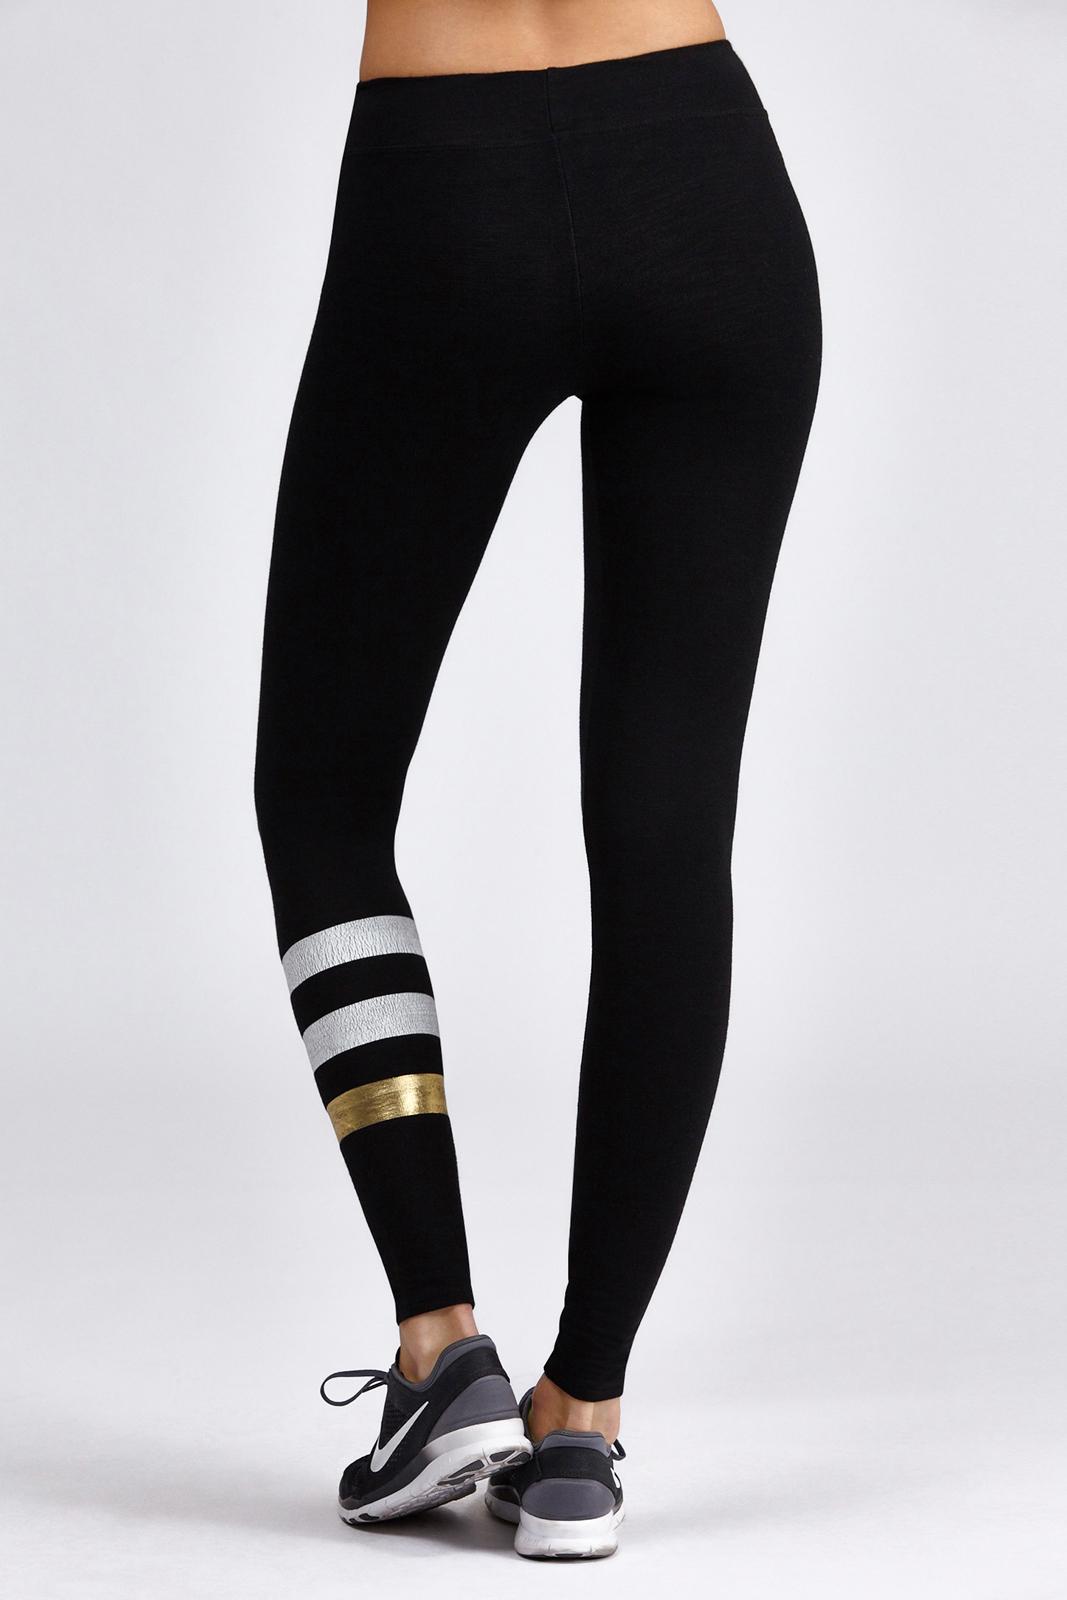 Yoga pants ebony